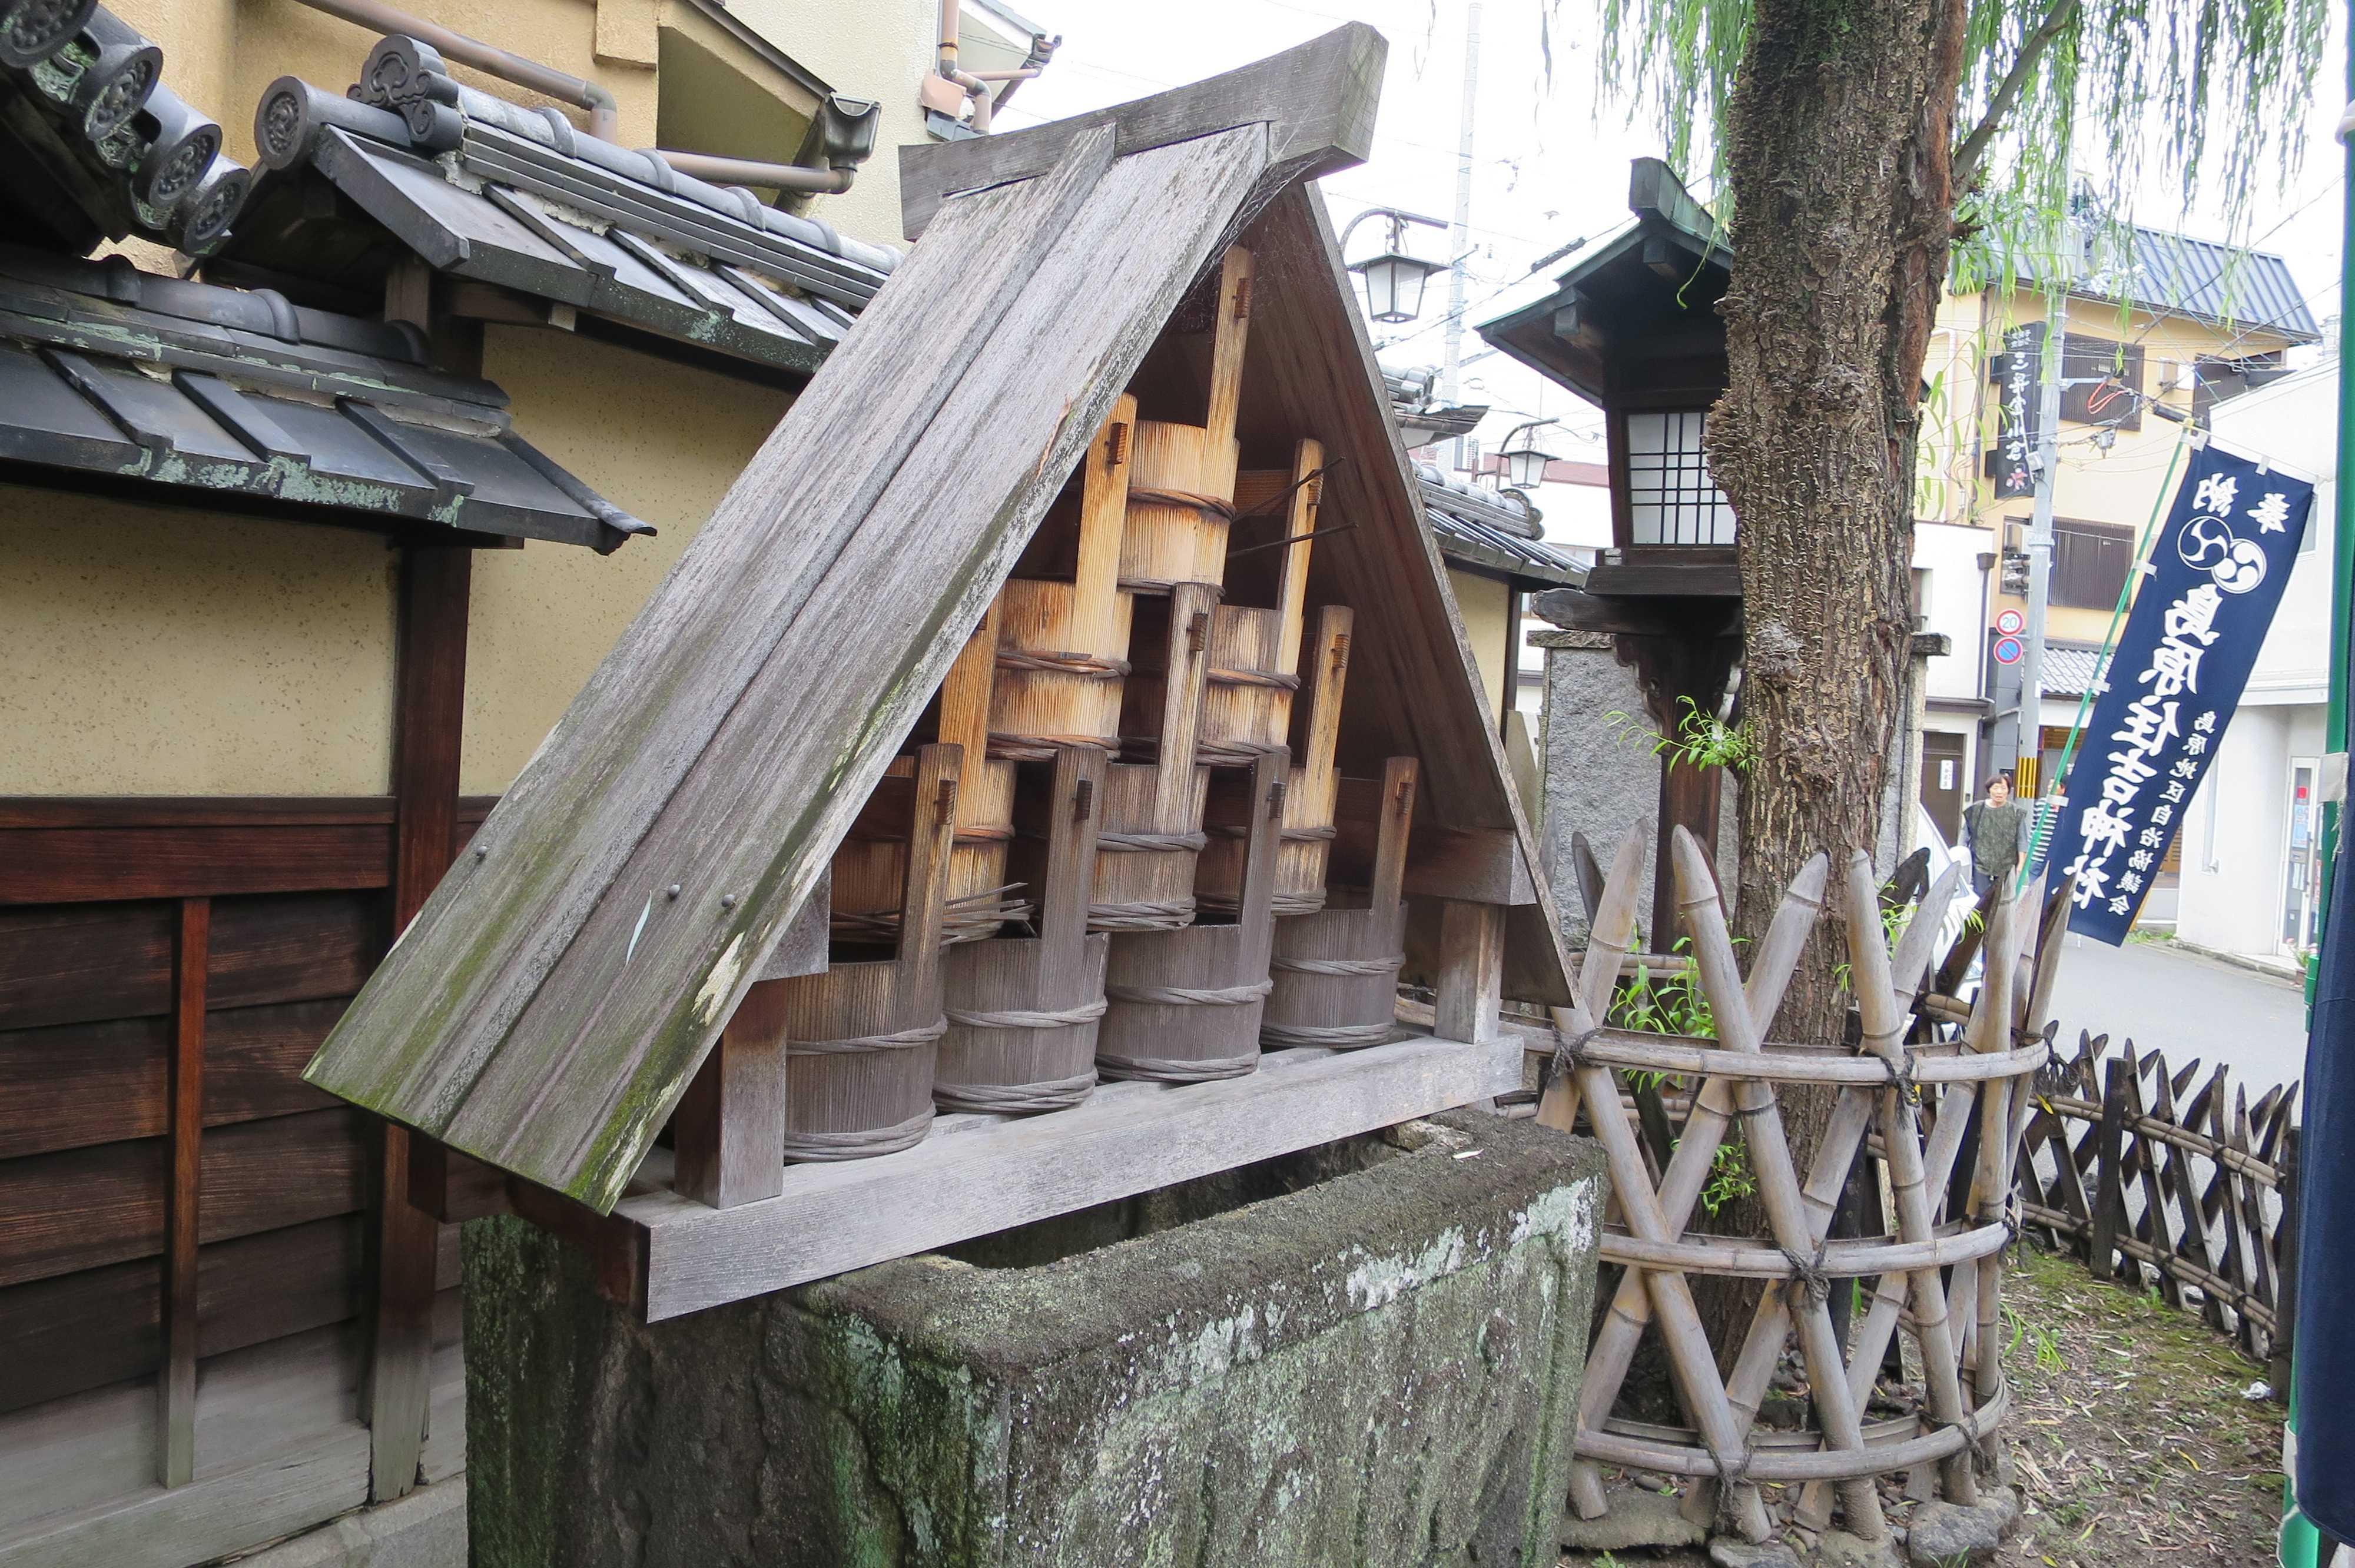 京都 - 島原大門の火消し用の桶